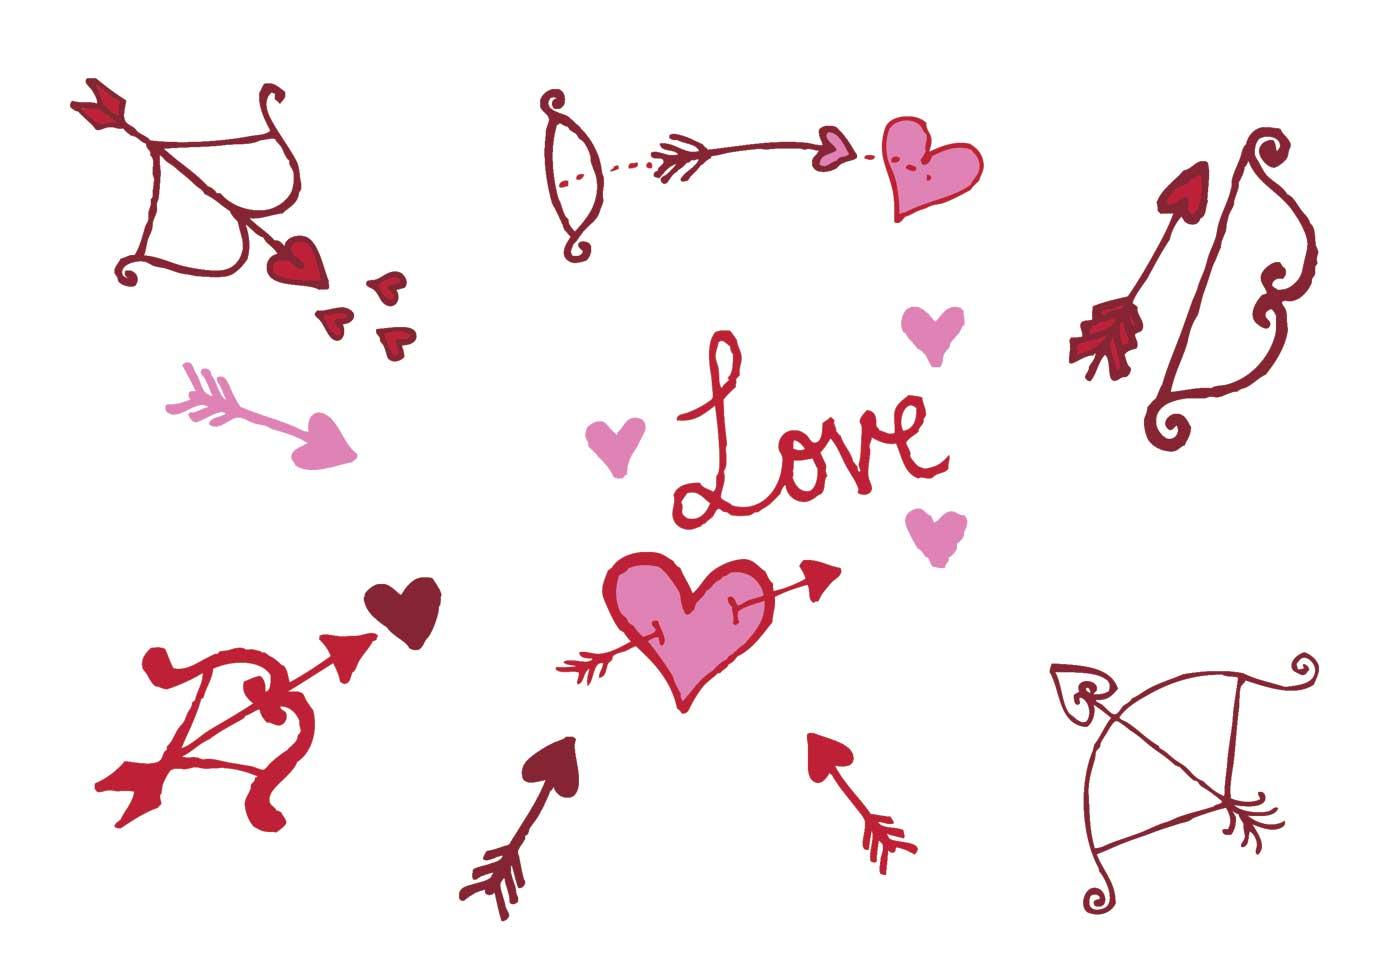 cupids bow dating site Cupids bow dating site online dating: eharmony vs match vs plenty of fish vs ok cupid 09042017 09042017 cdate dating cupid dating uk - online dating and.